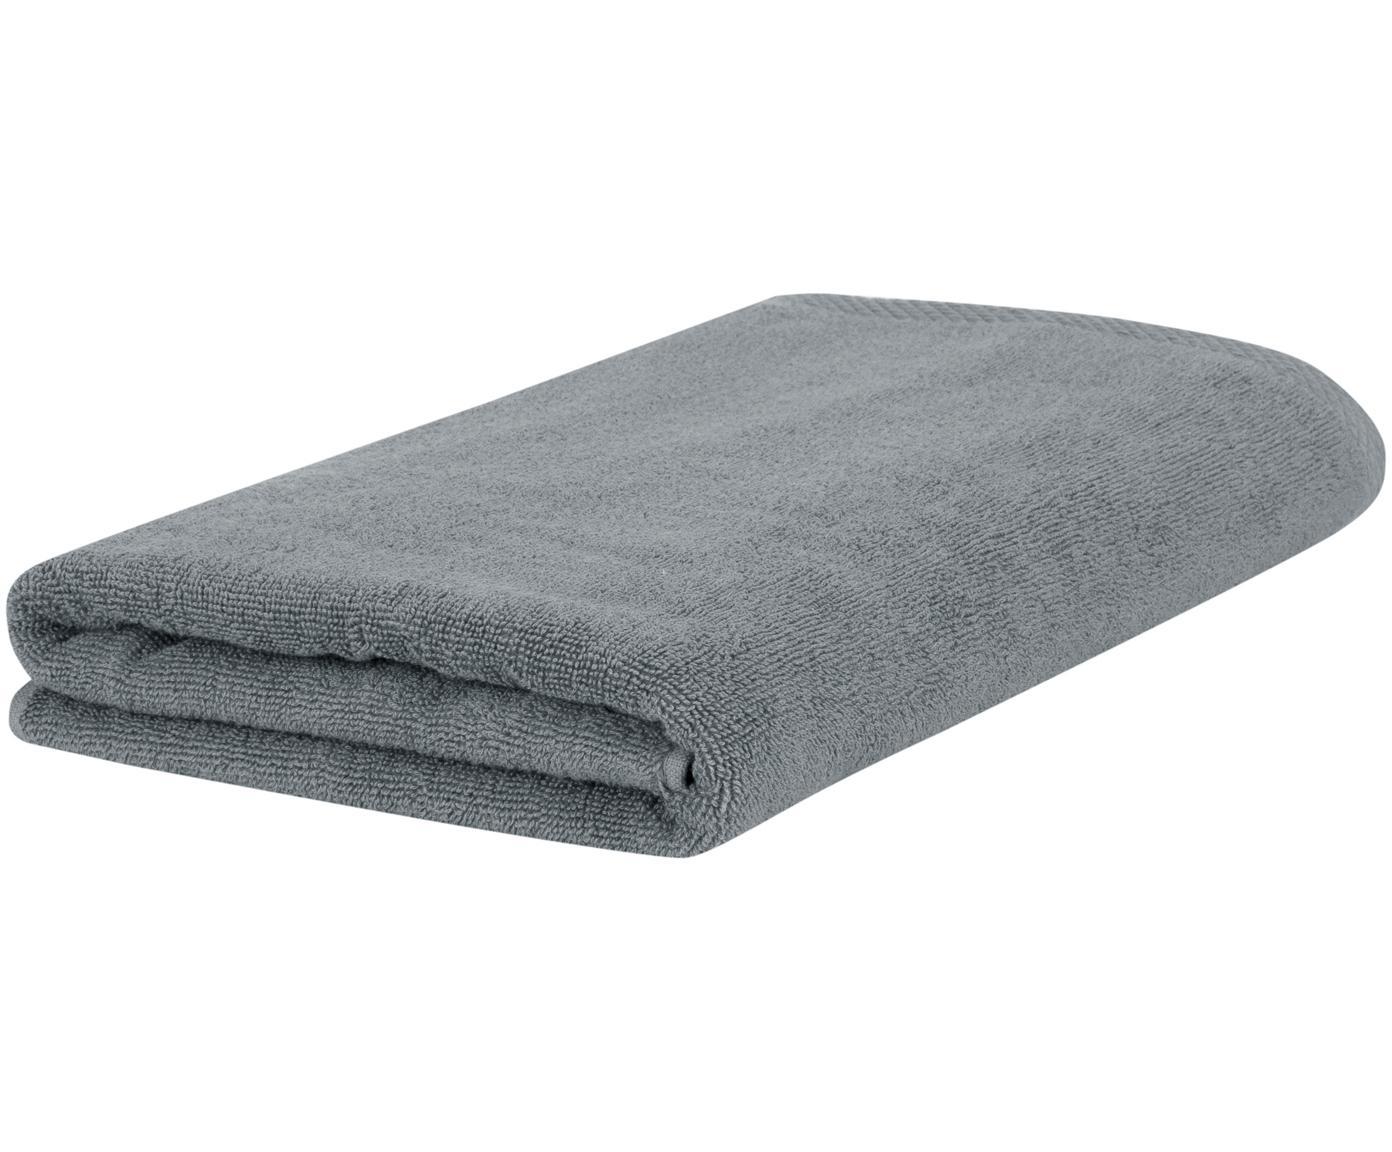 Einfarbiges Handtuch Comfort, Dunkelgrau, Gästehandtuch